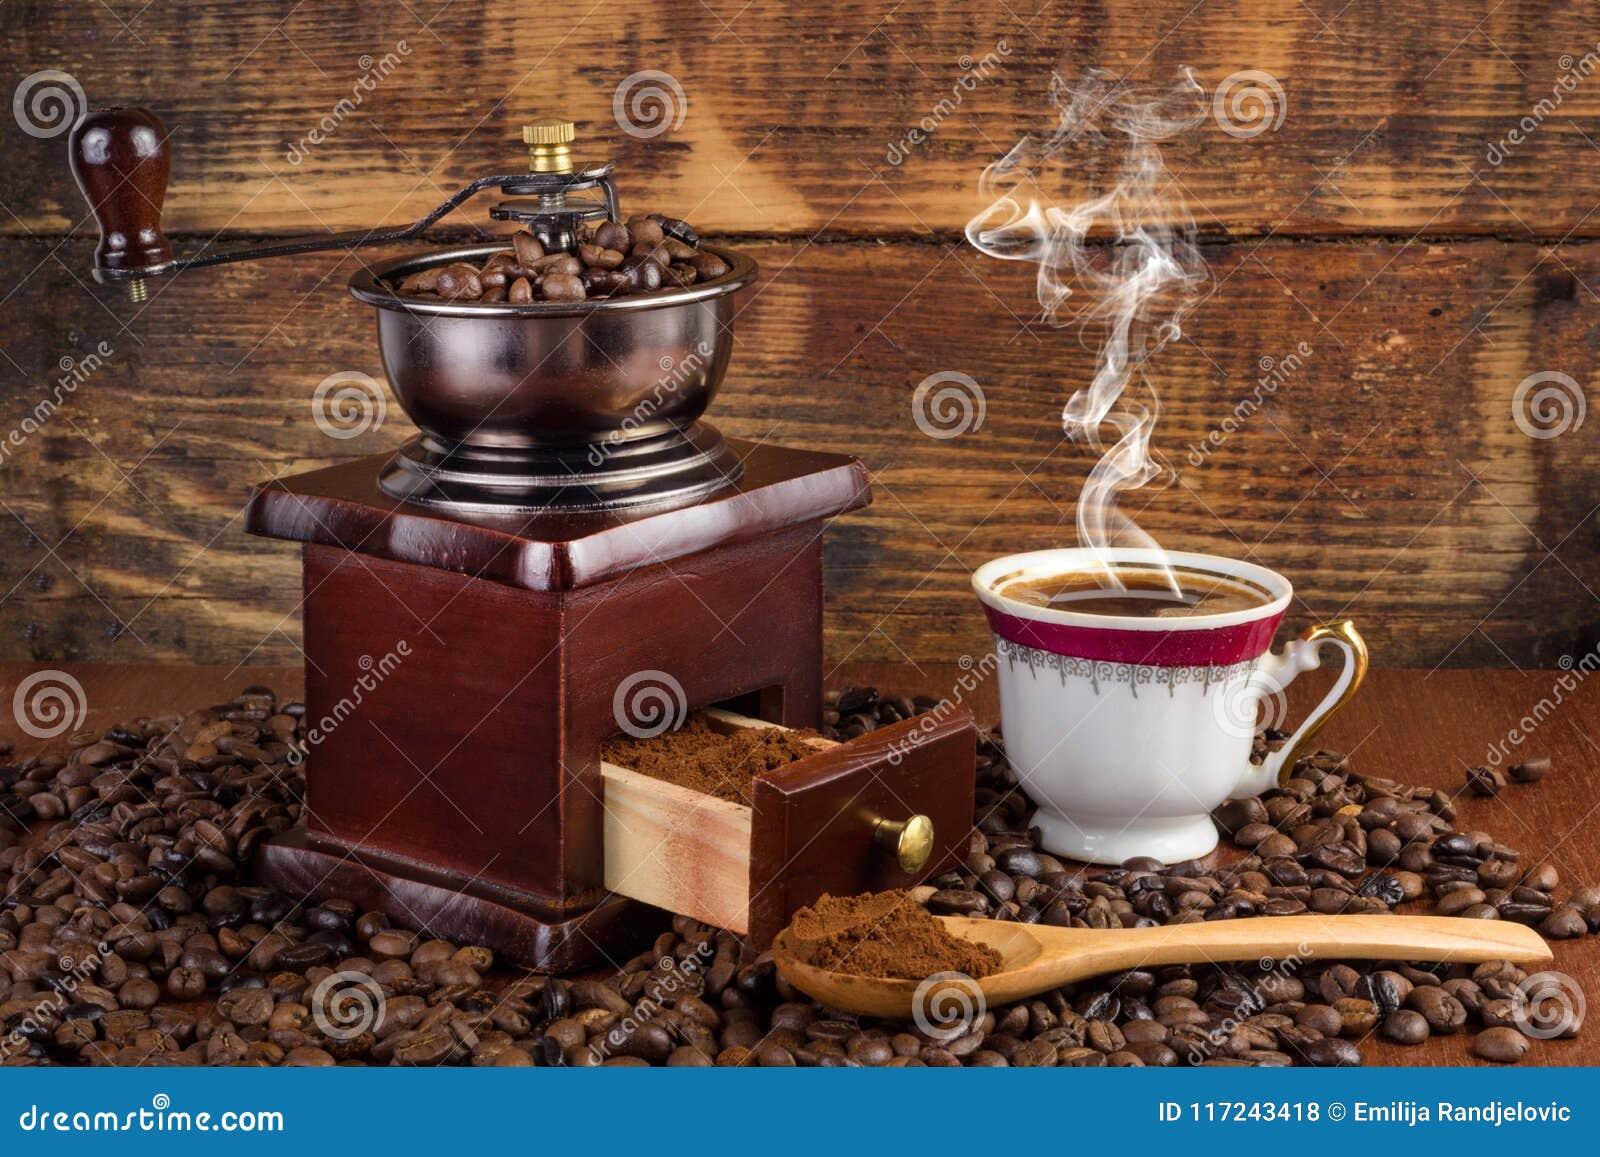 Точильщик мельницы кофе и чашка кофе с дымом и деревянная ложка на ретро предпосылке